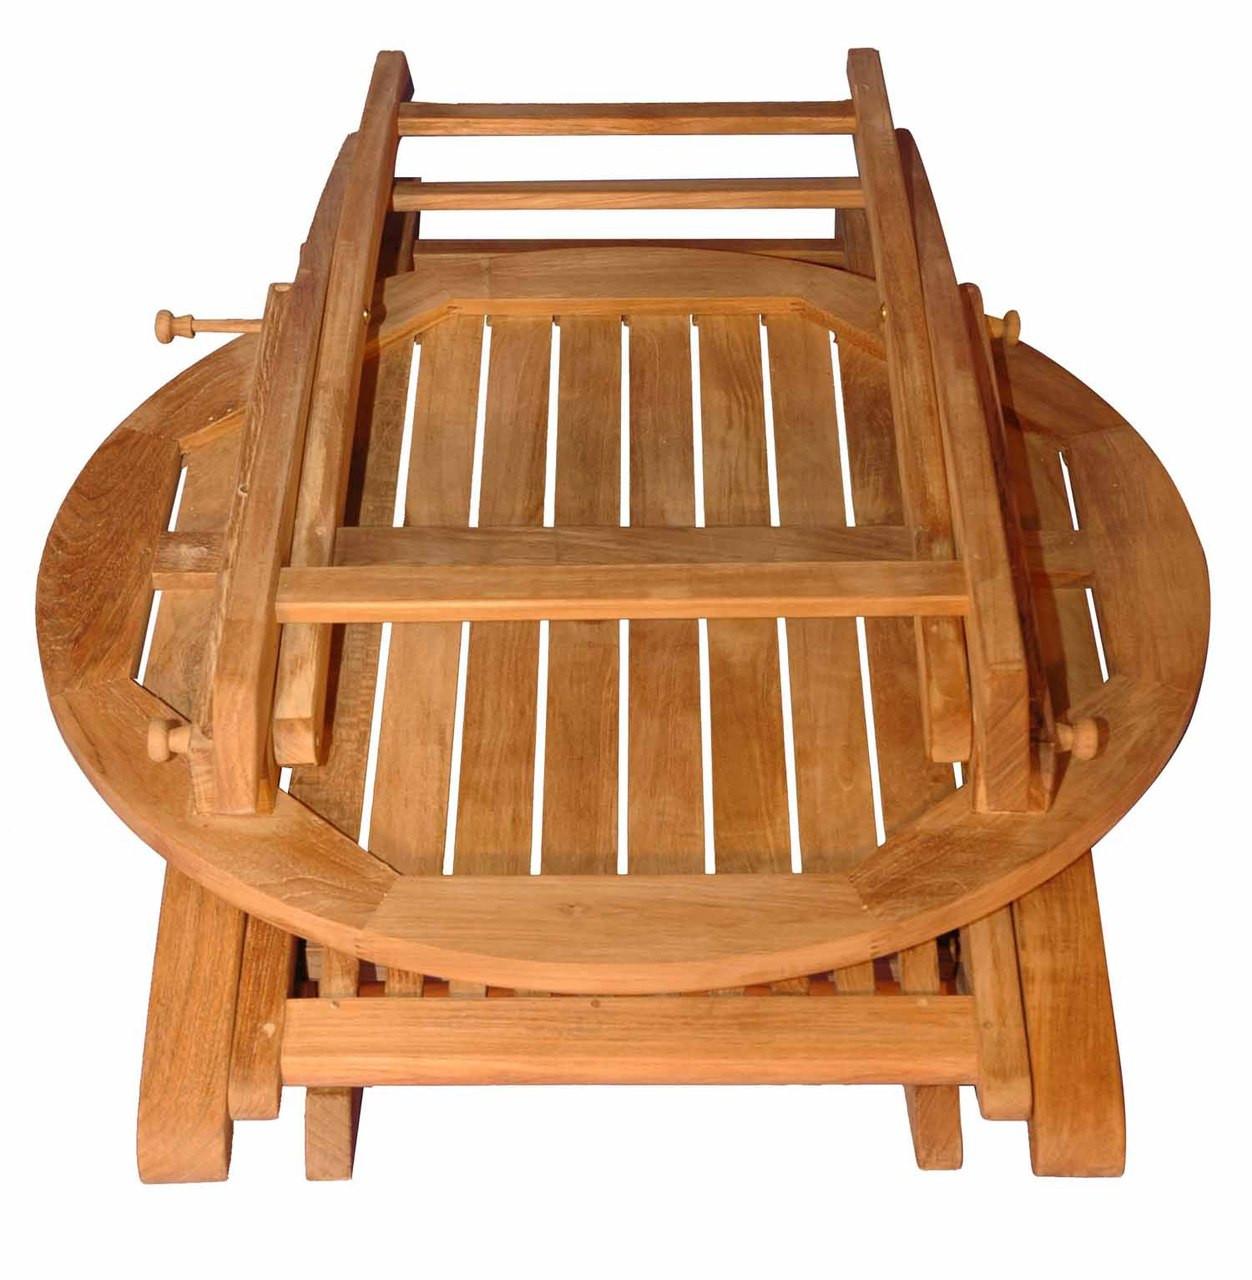 Teak-Balcony-Table-by-Regal-Teak